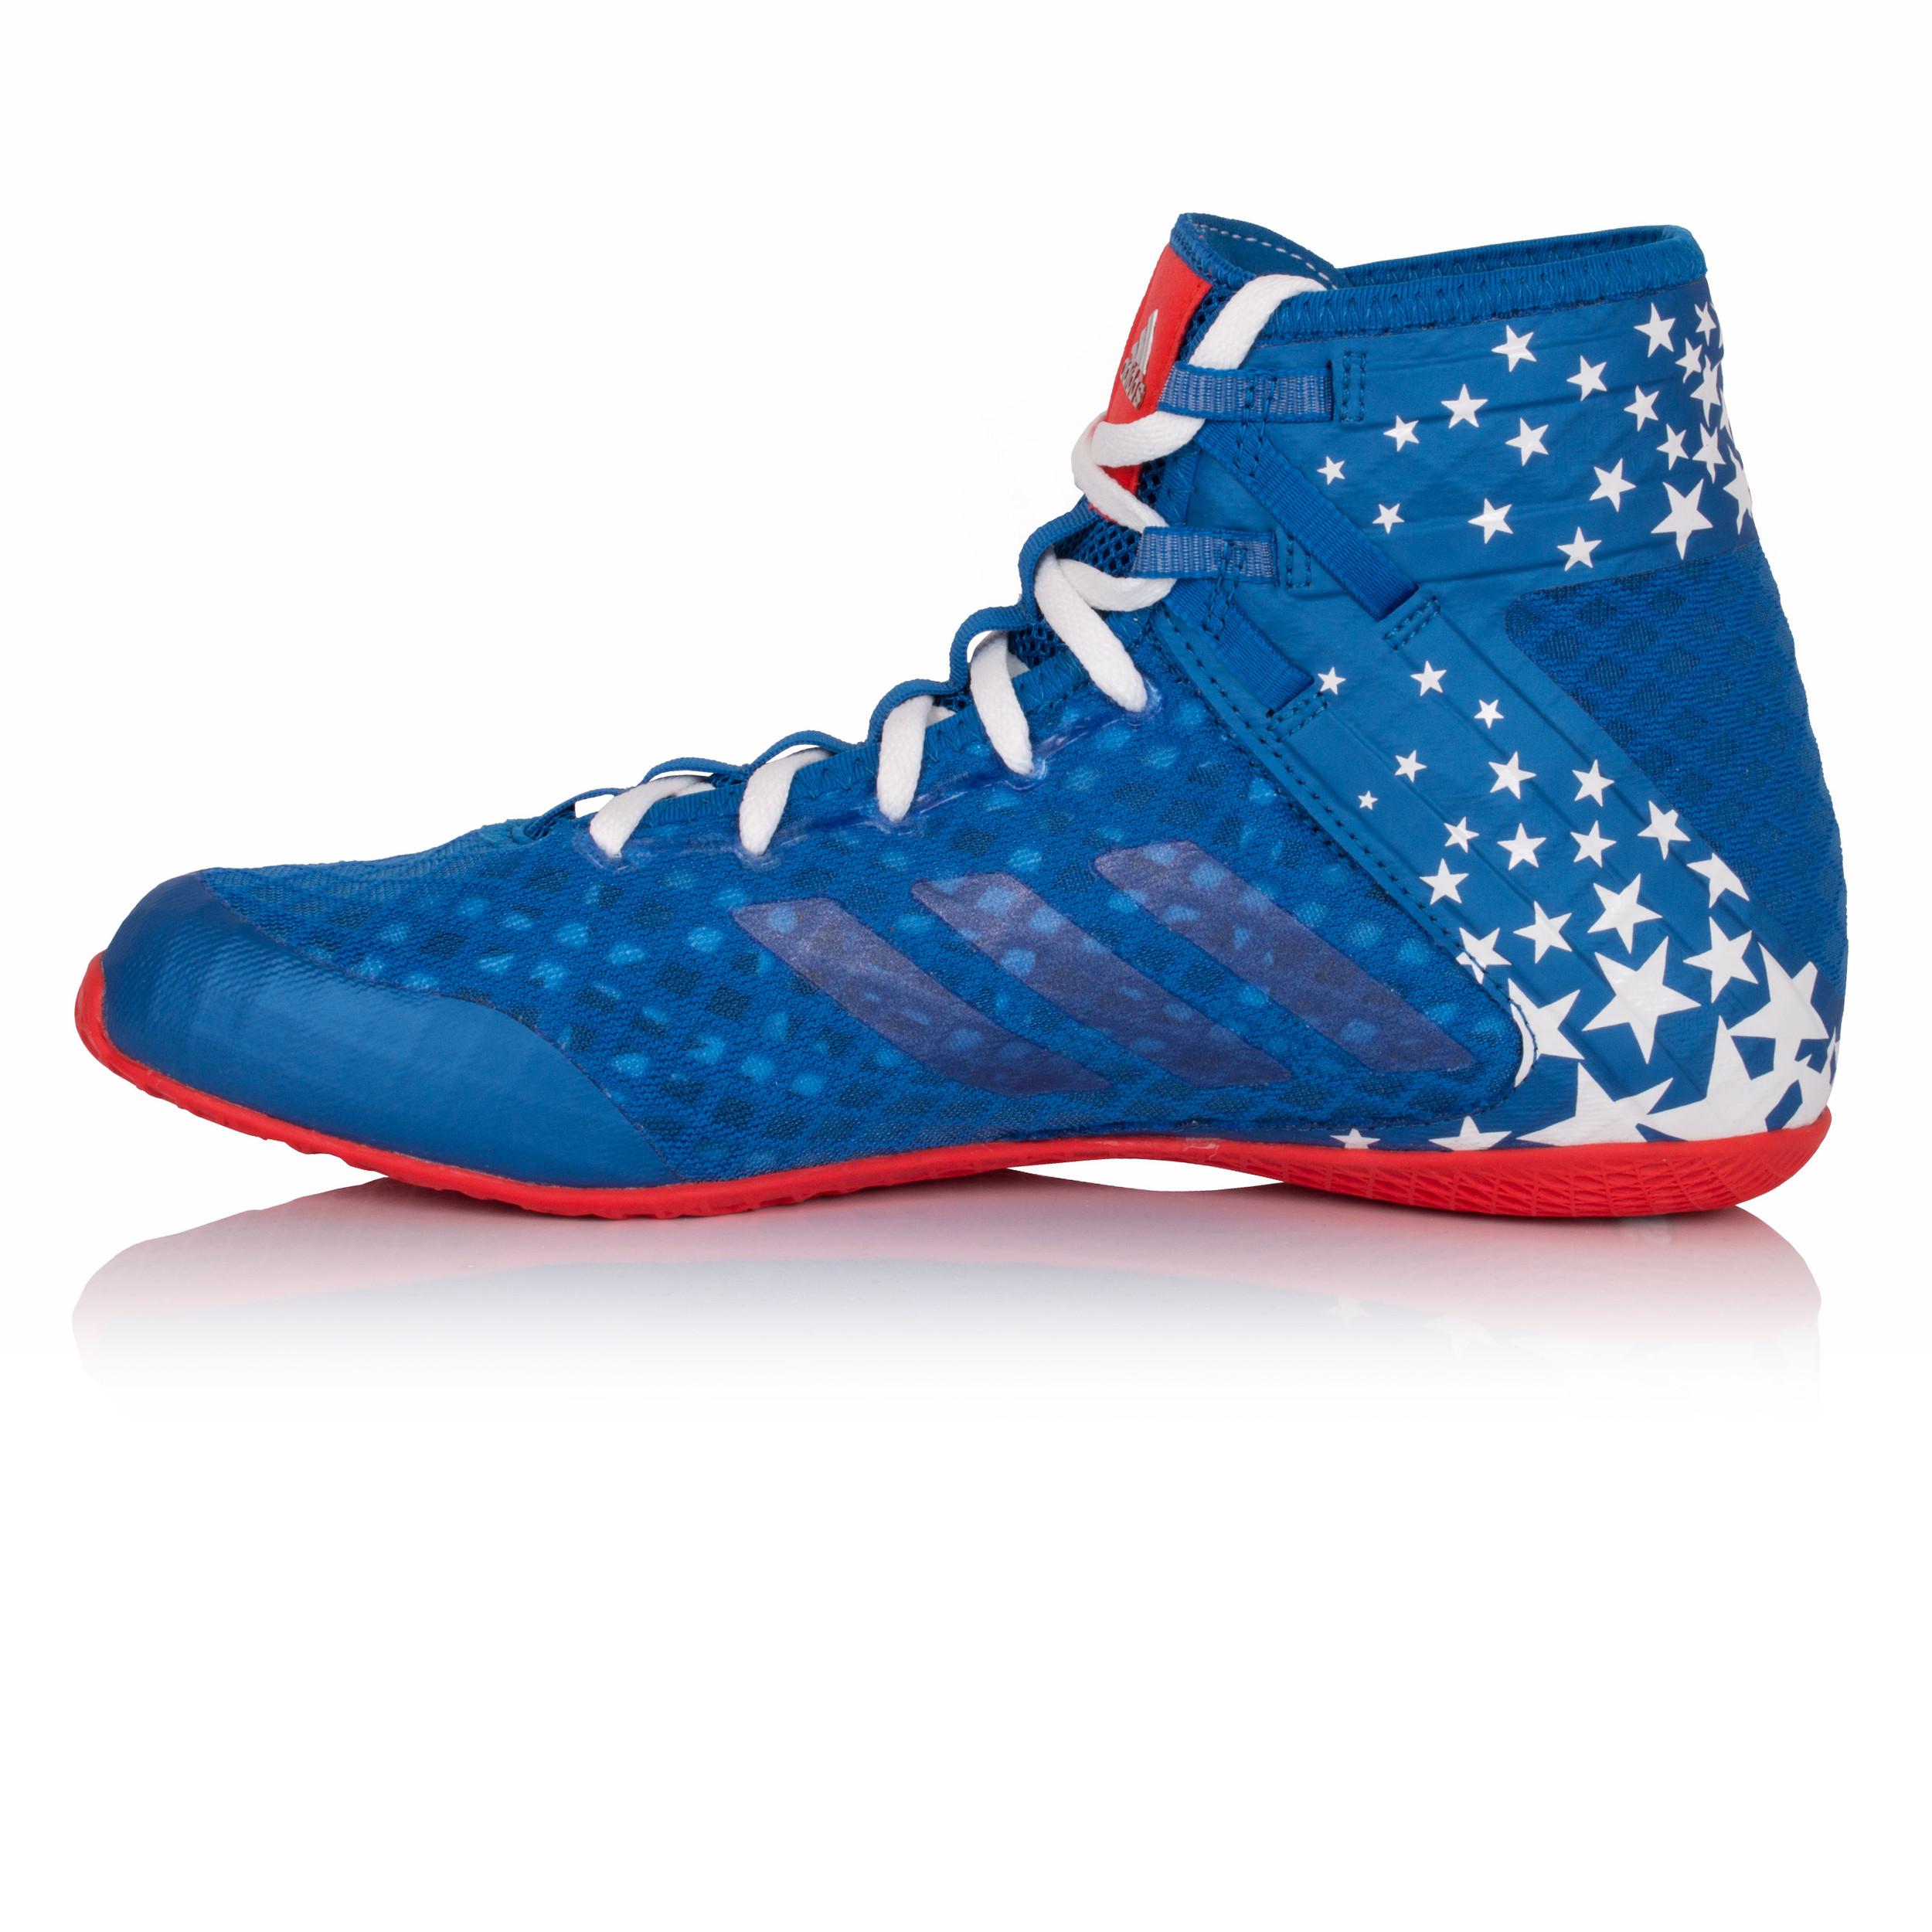 Adidas Speedex 16 1 Ltd Mens Red Blue Boxing Training